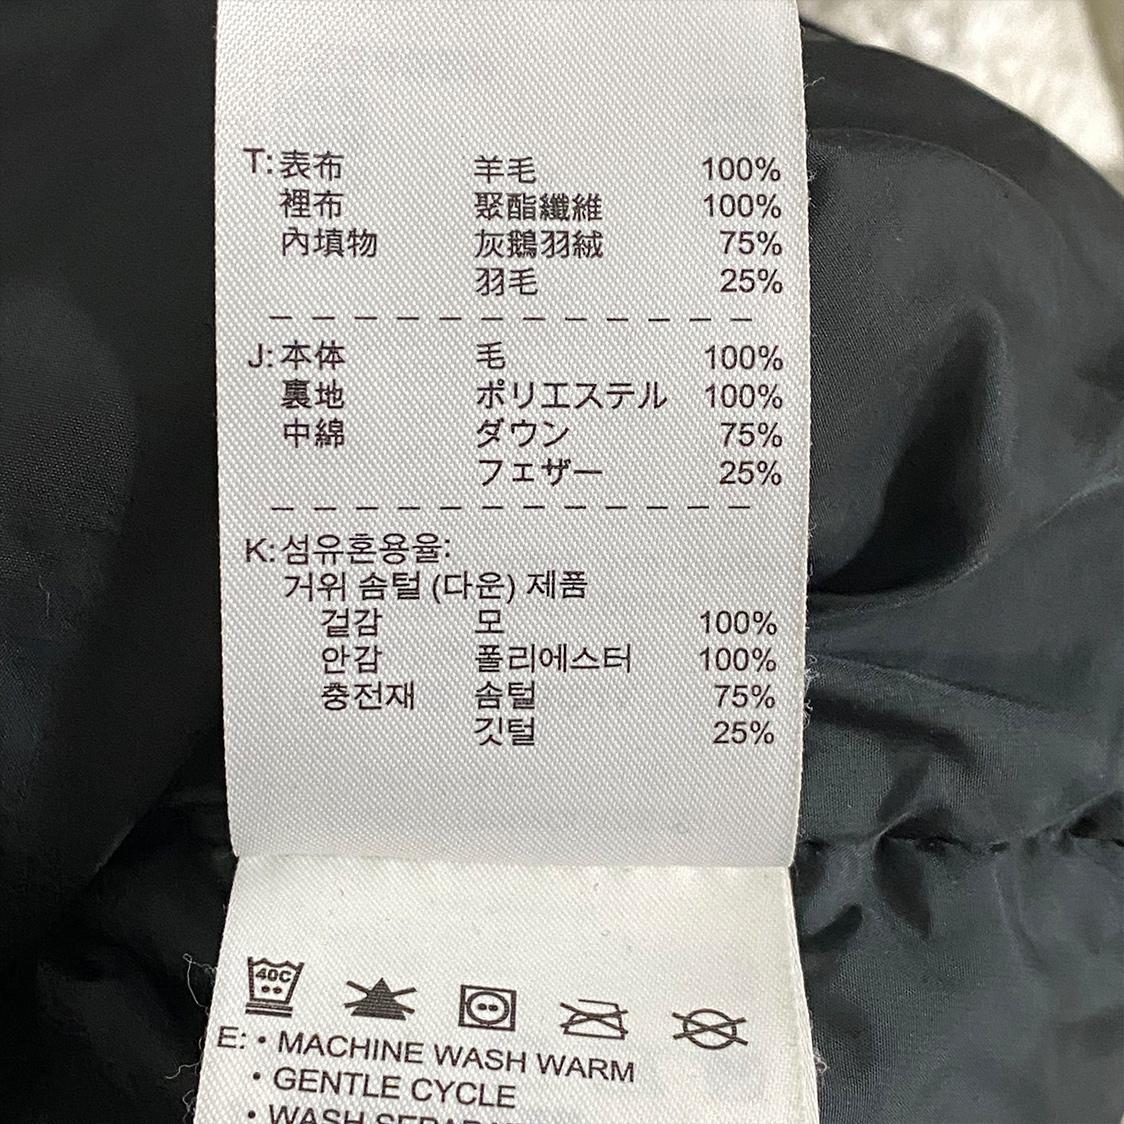 NIKE ACG ナイキ エーシ-ジー 【サイズS】 ダウンベスト ペンドルトン ウールモデル